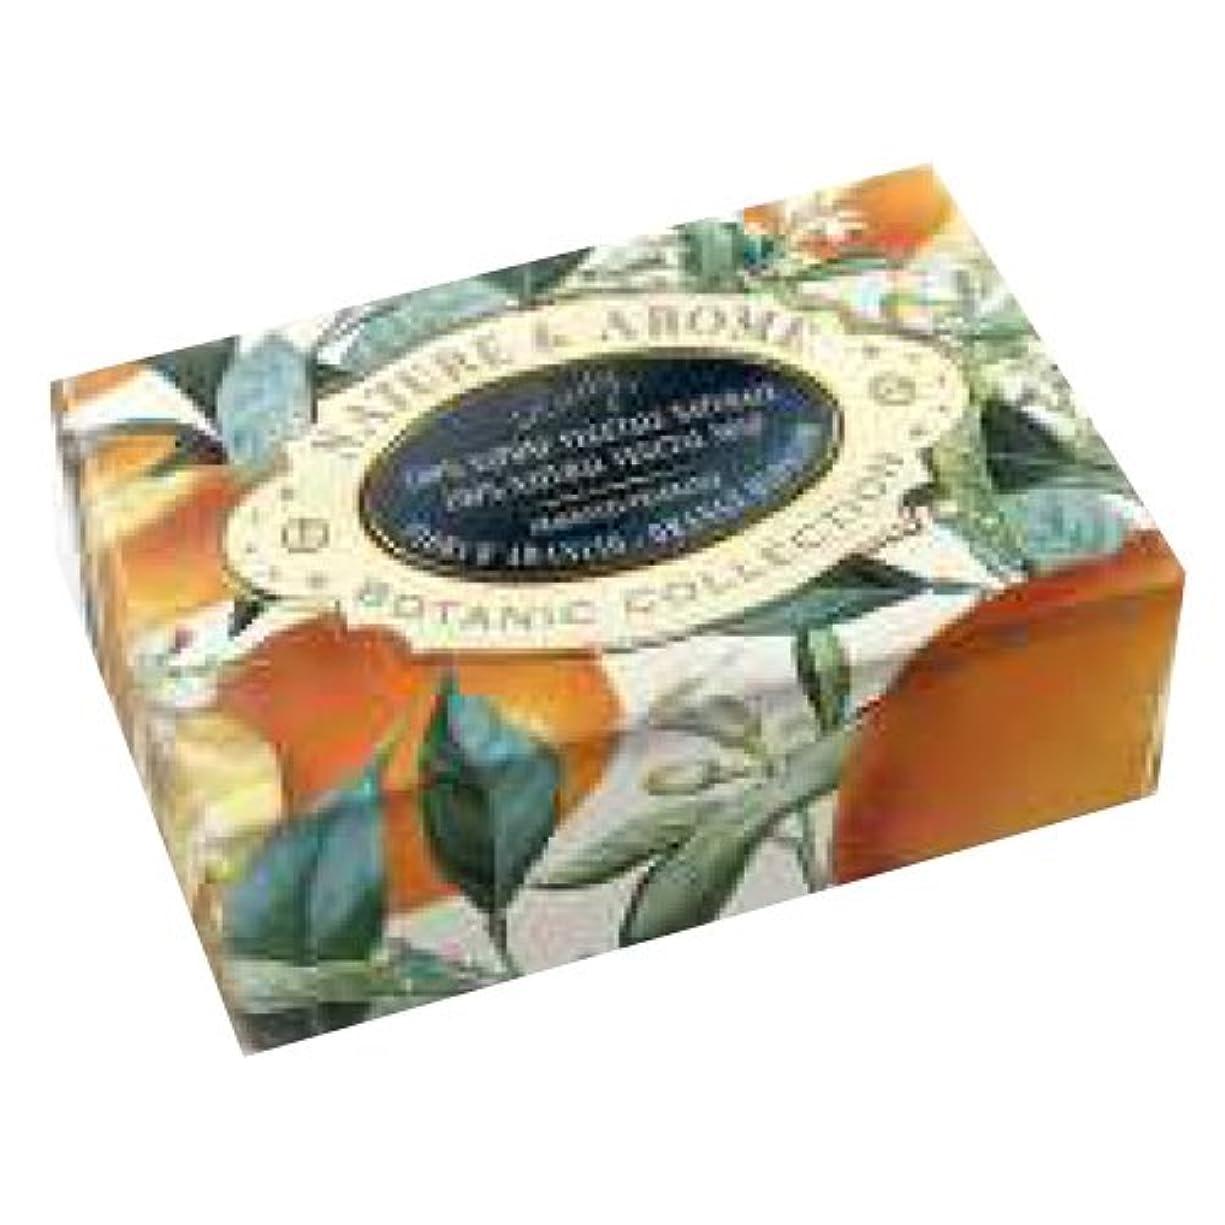 香水信者販売員RUDY Nature&Arome SERIES ルディ ナチュール&アロマ Soap ソープ オレンジブロッサム